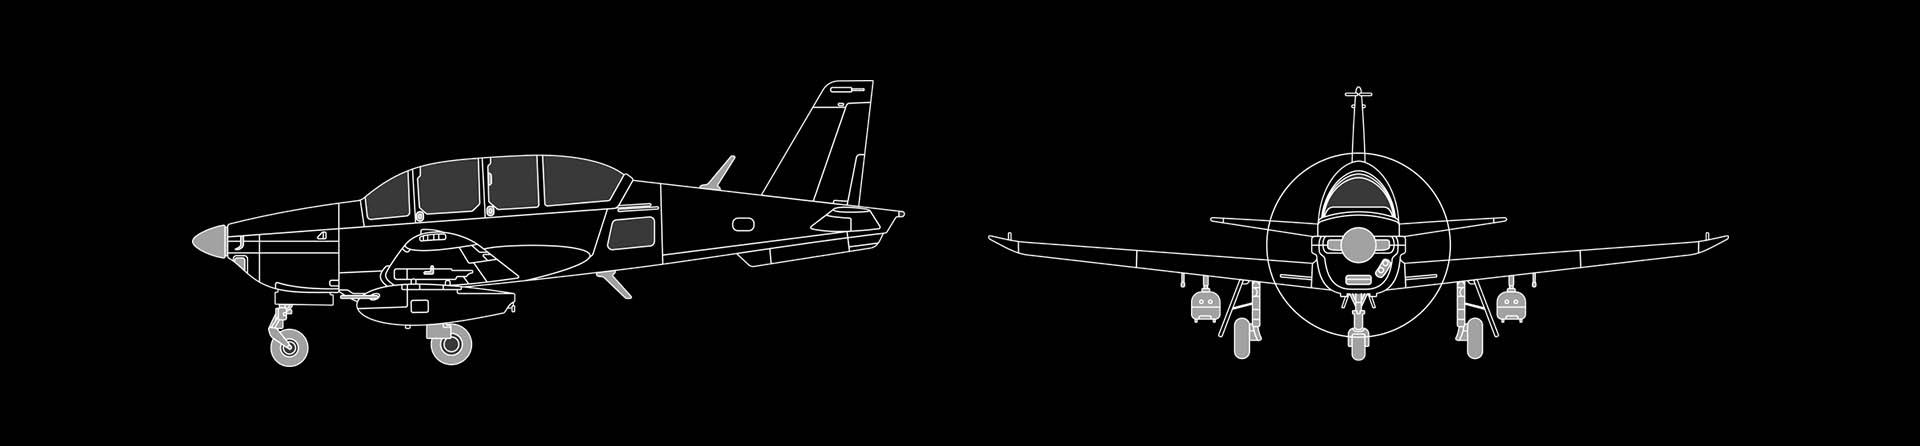 Epsilon Plane